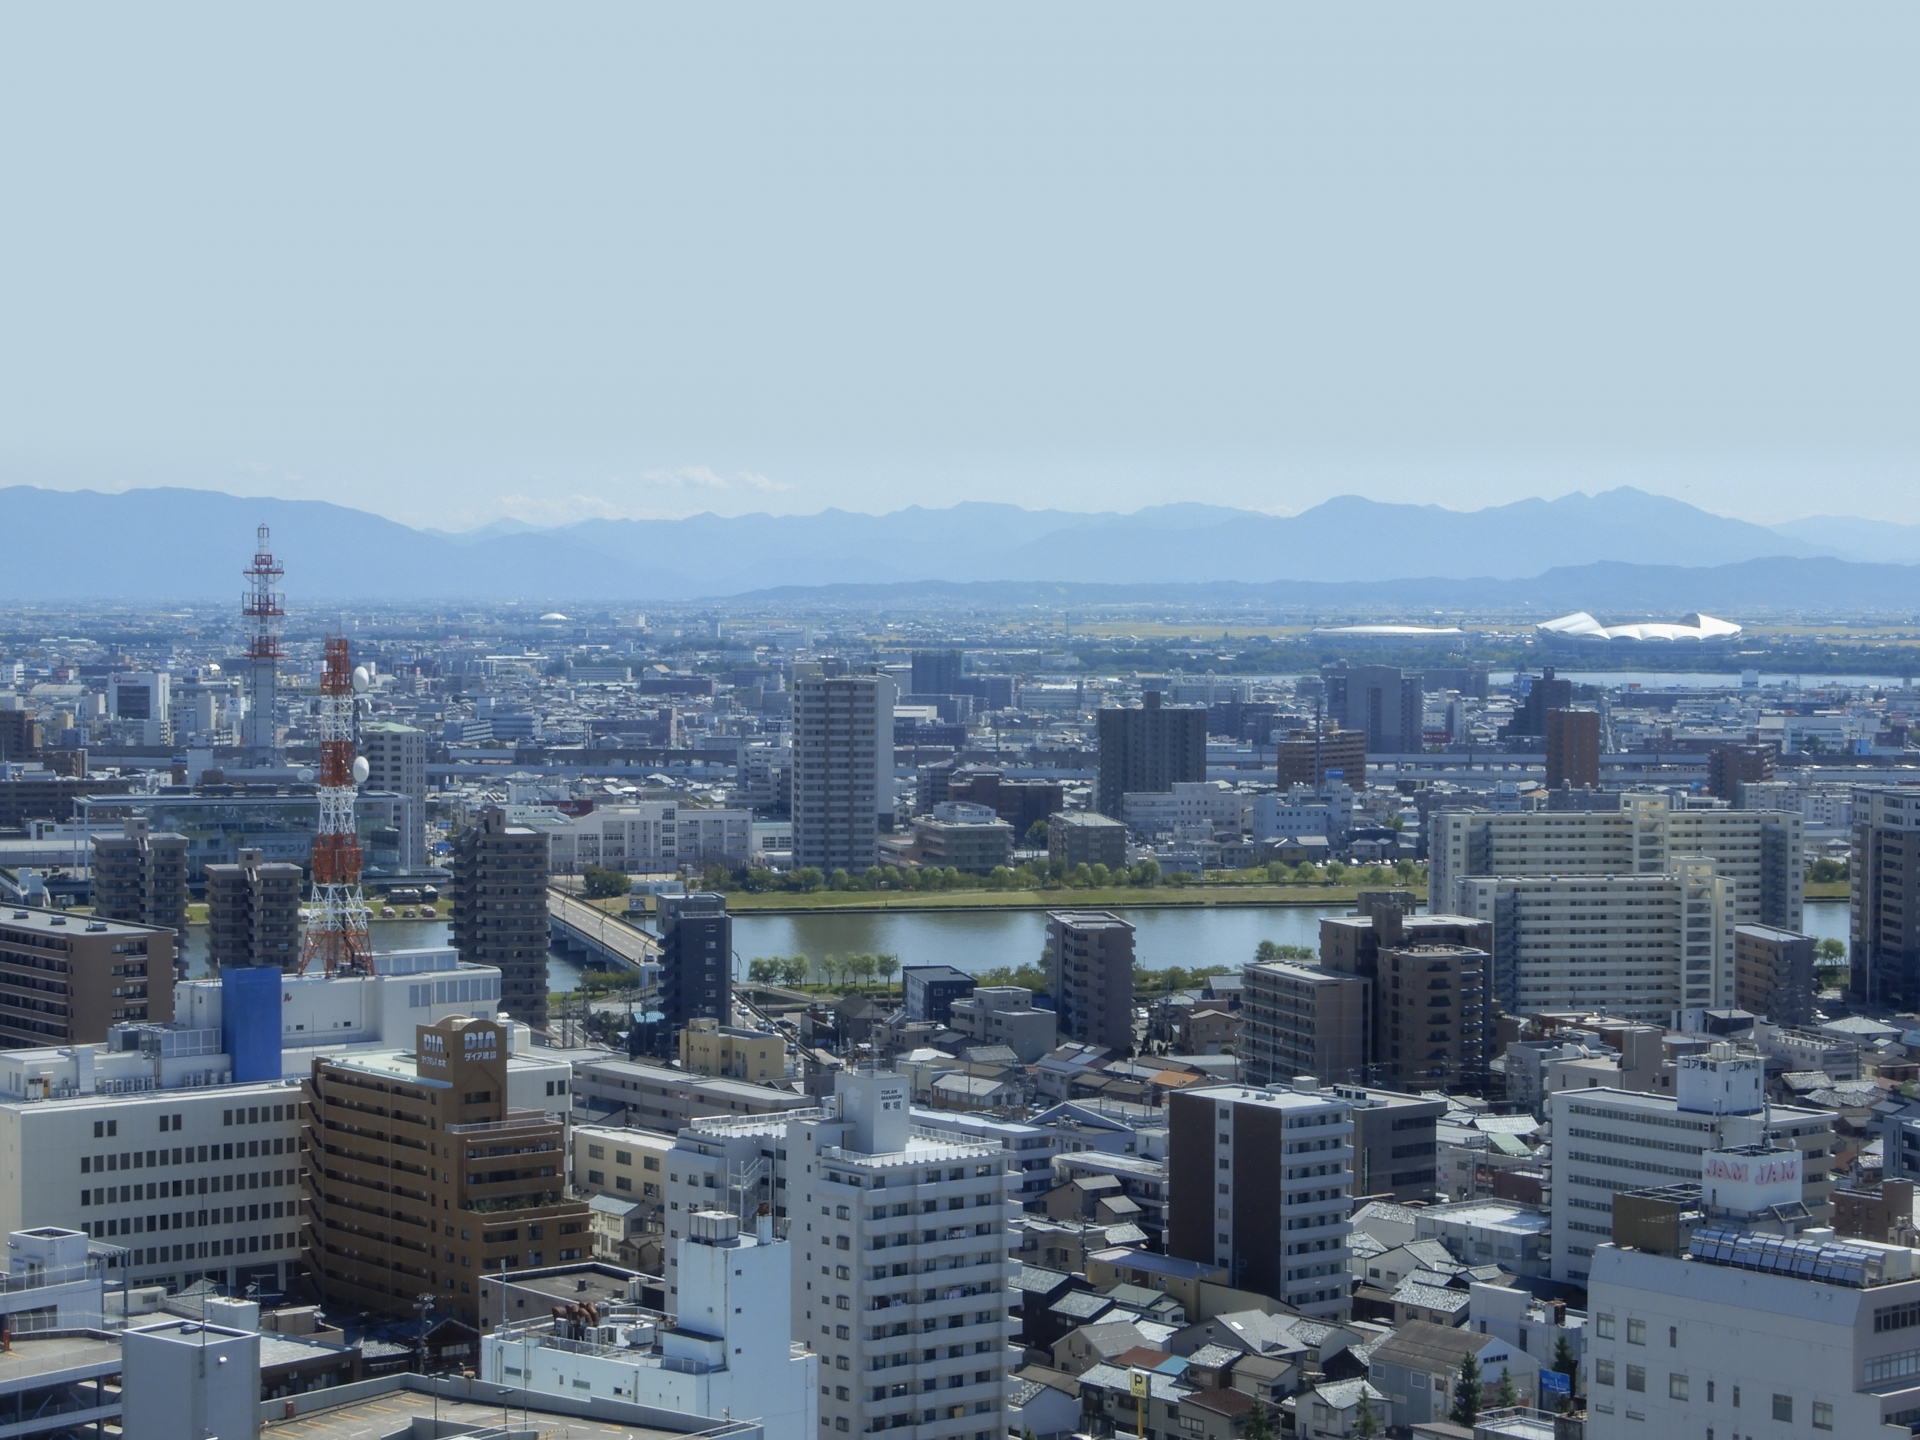 新潟のおすすめ観光スポットまとめ!絶対外さない定番名所から穴場まで